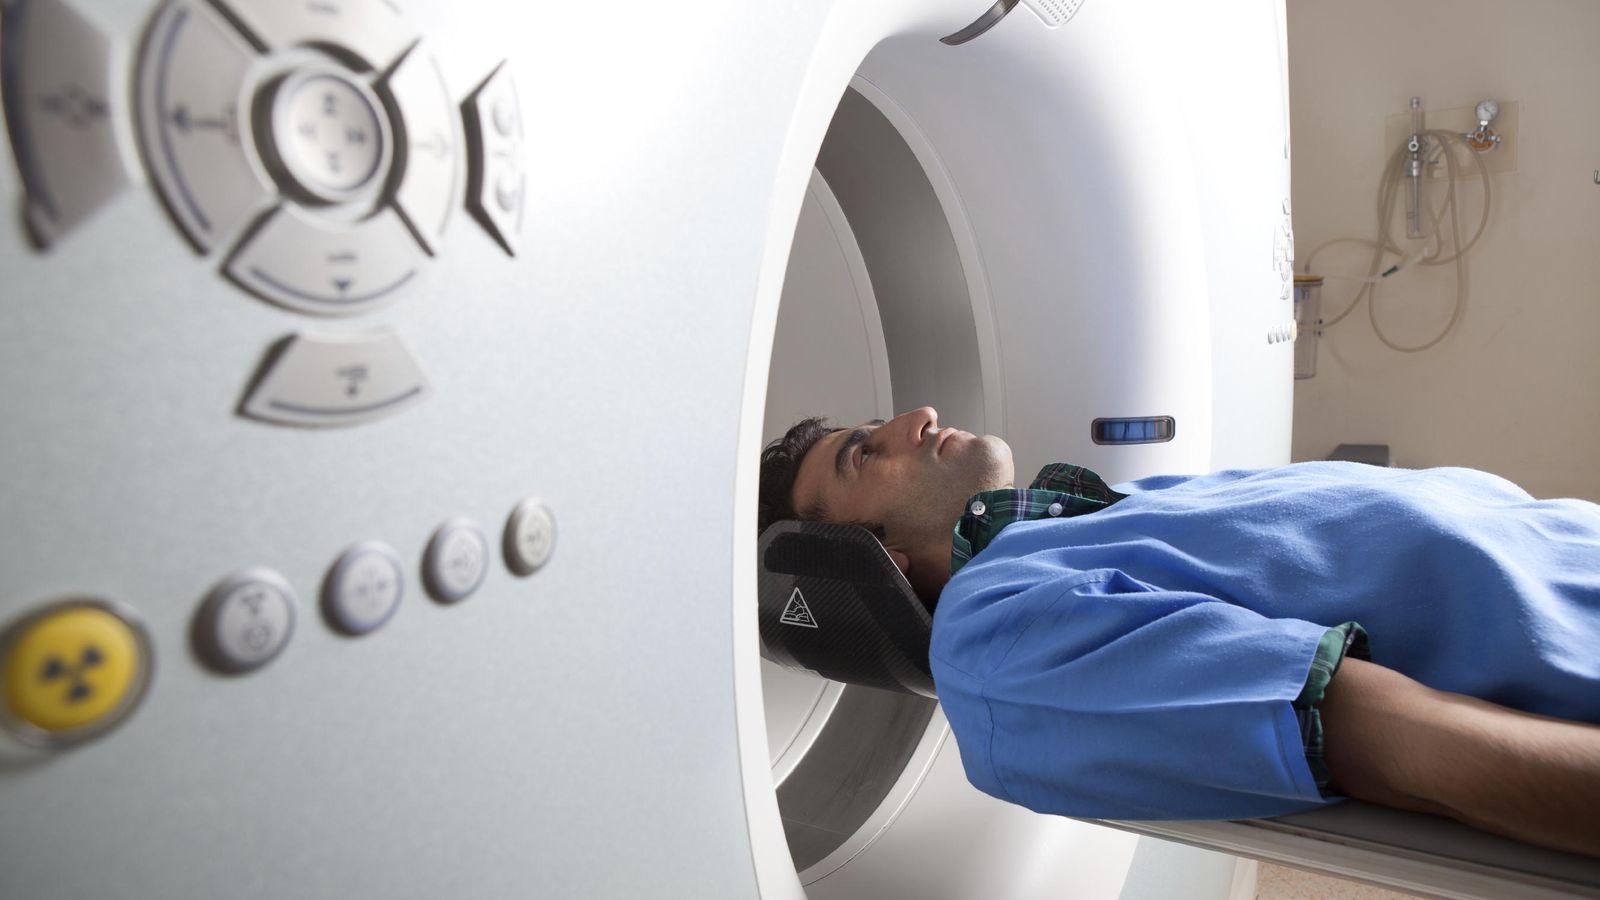 Foto: Algunos pequeños cambios en la vida no nos harán inmunes, pero sí reducirán las posibilidades de sufrir cáncer. (iStock)